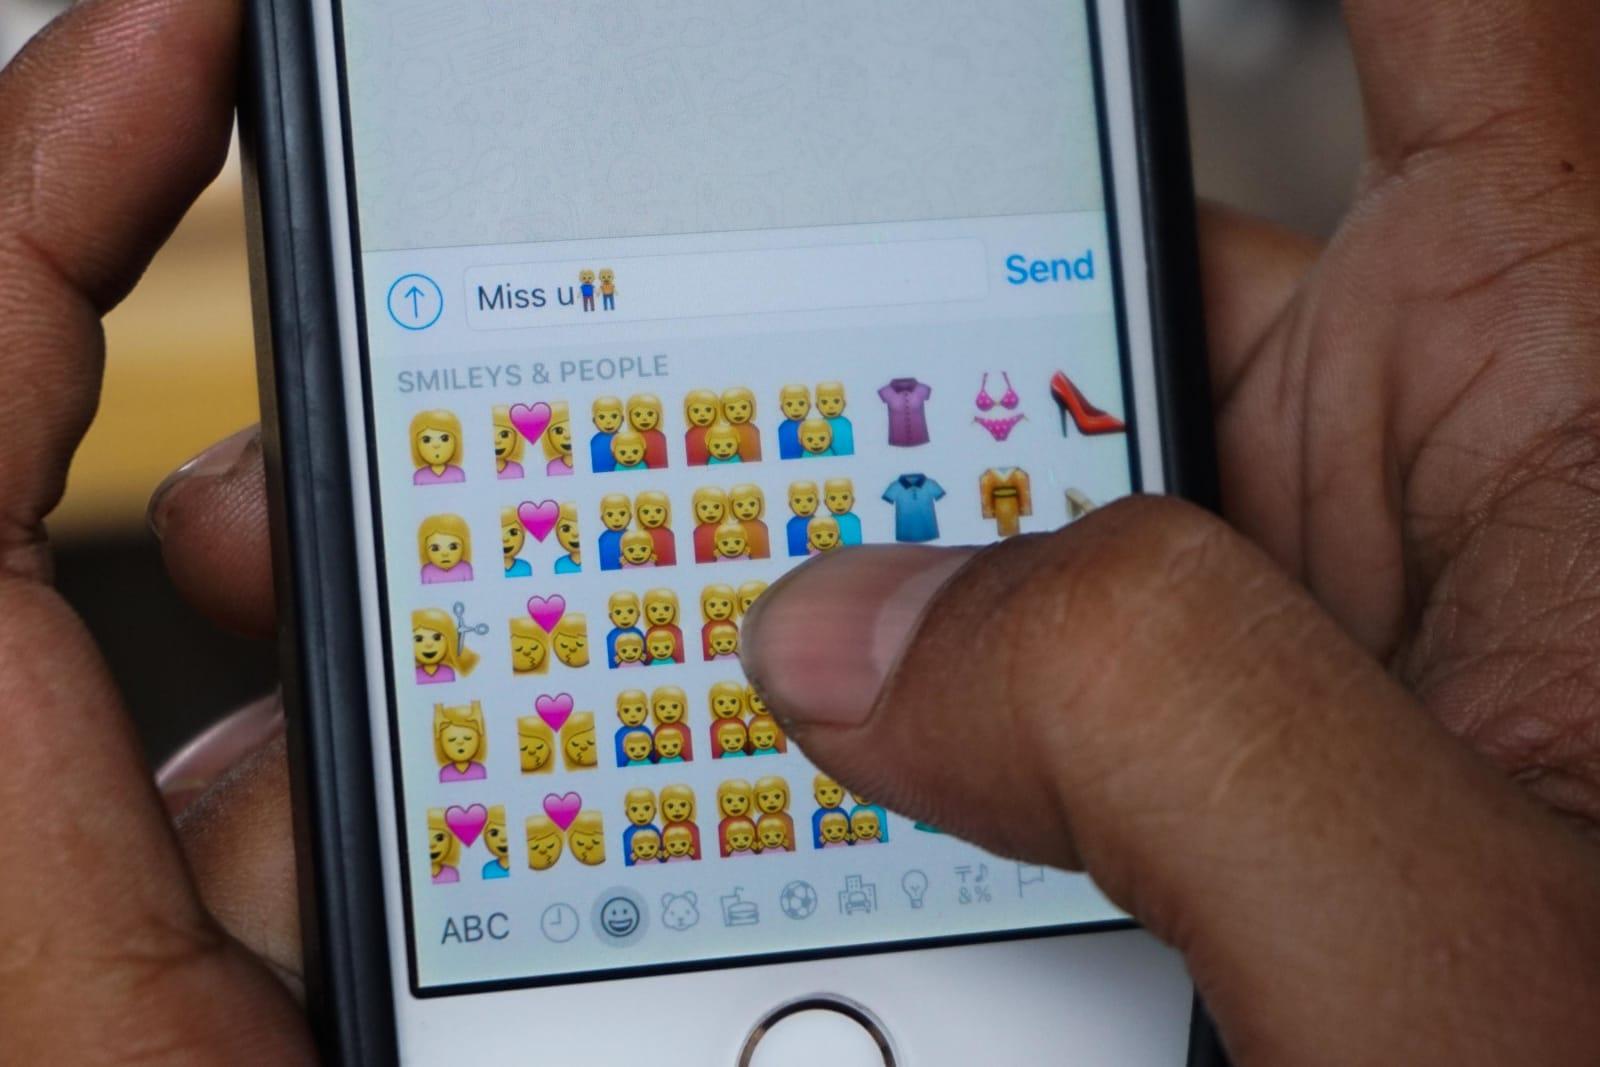 Indonesia Bans 'LGBT' Emoji On Messaging Apps